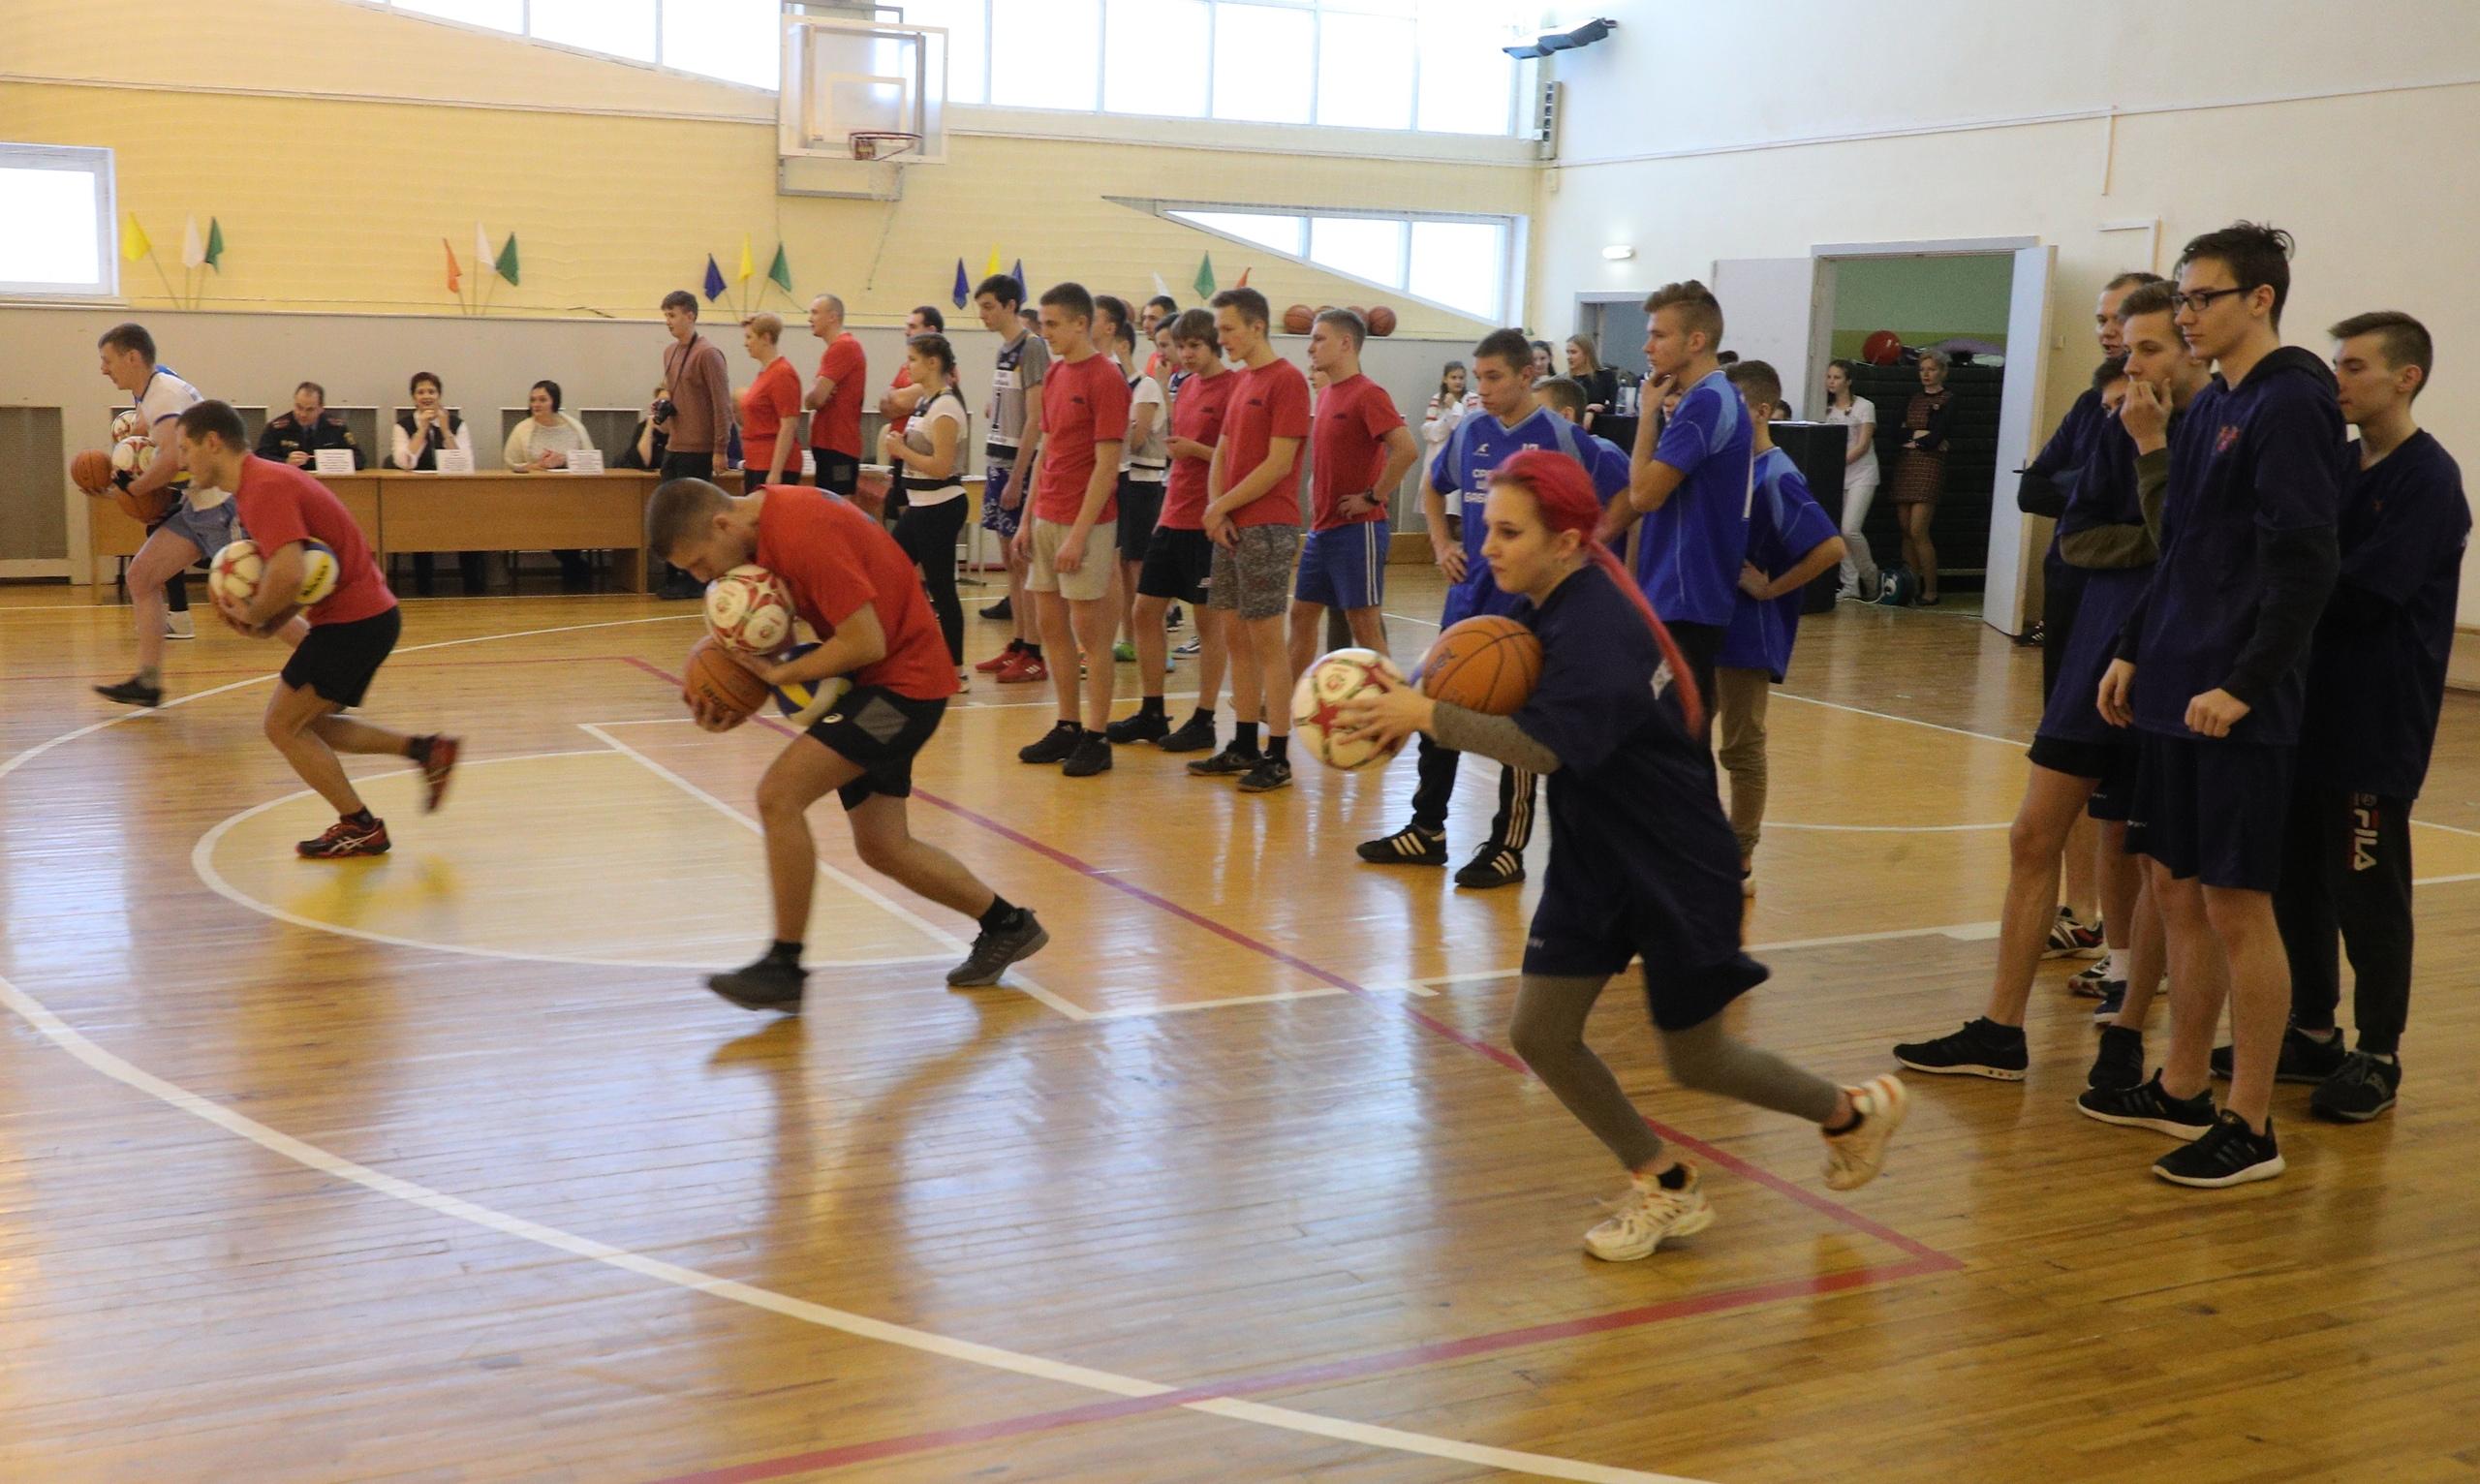 В средней школе № 46 прошли открытые соревнования для подростков «Нас объединяет спорт!»